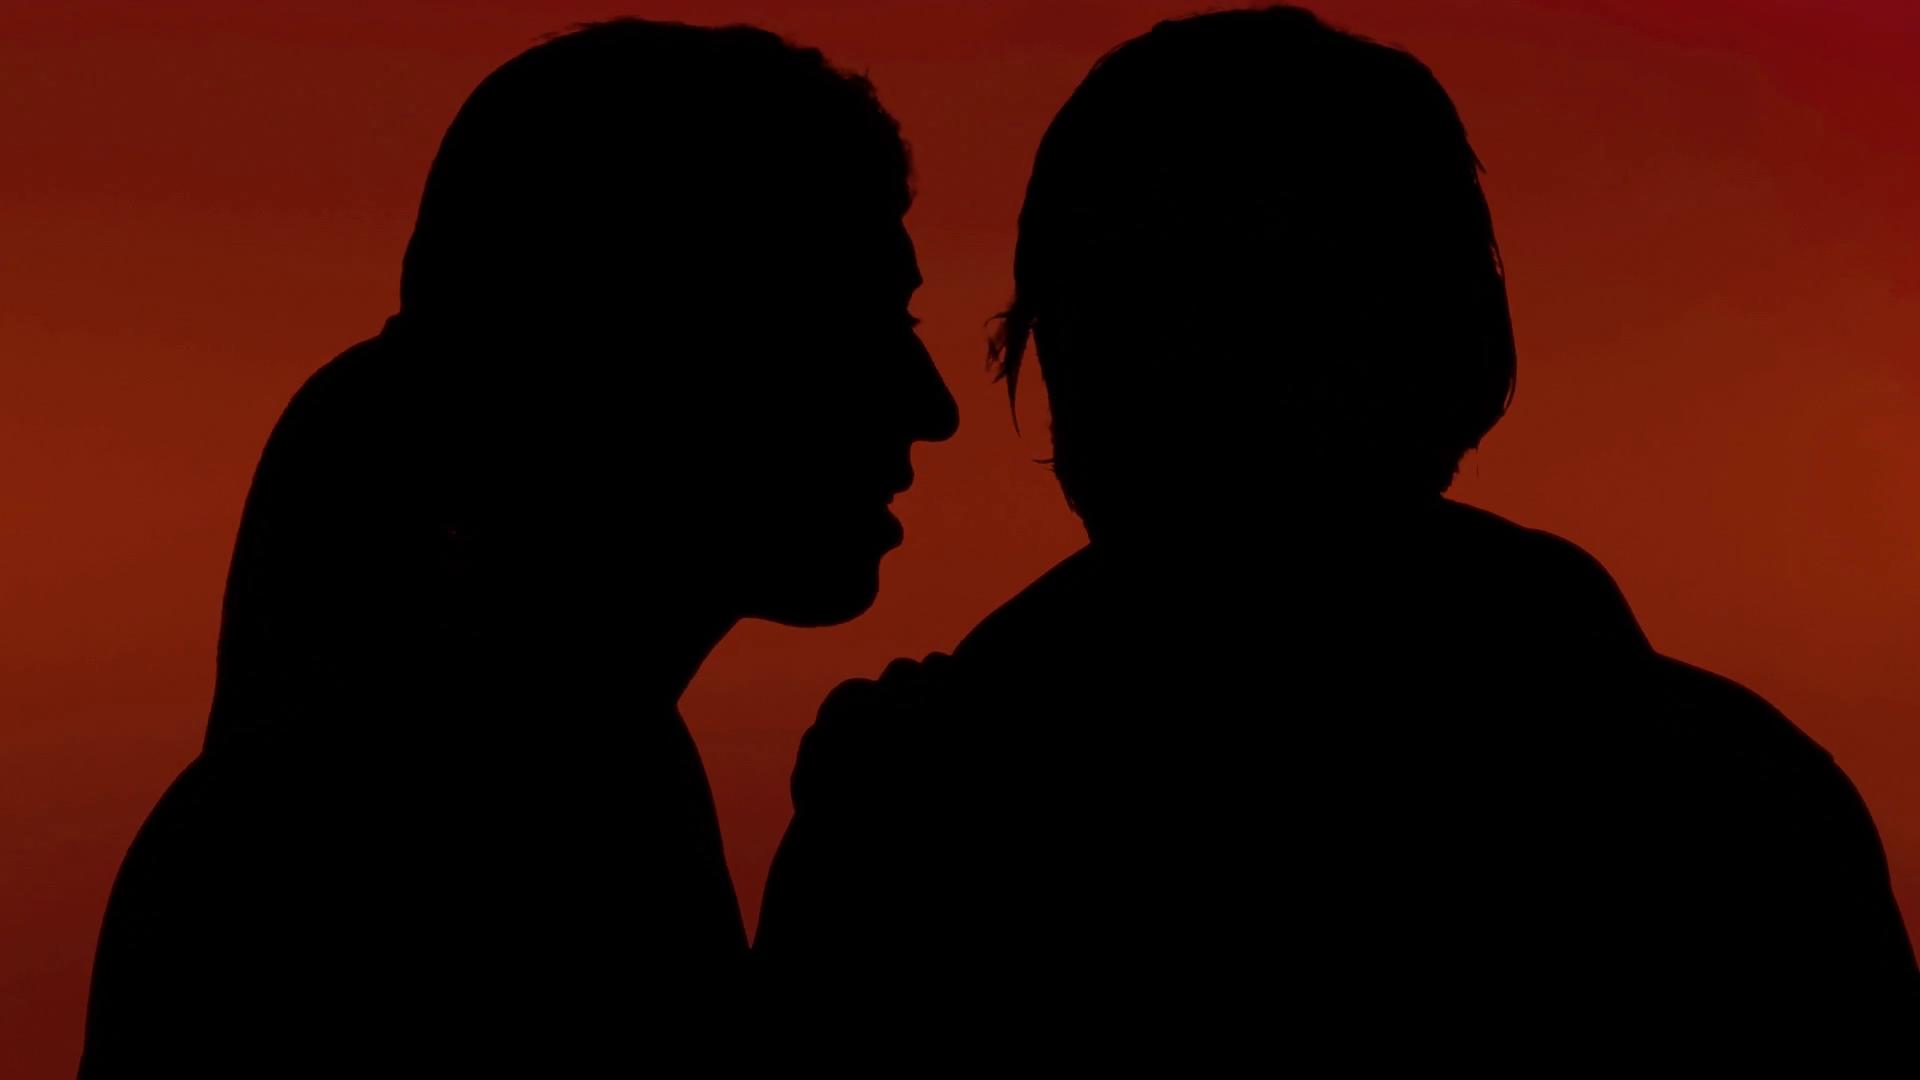 1920x1080 Silhouette Man Woman Secret Whisper Red. A Man Whispering A Secret